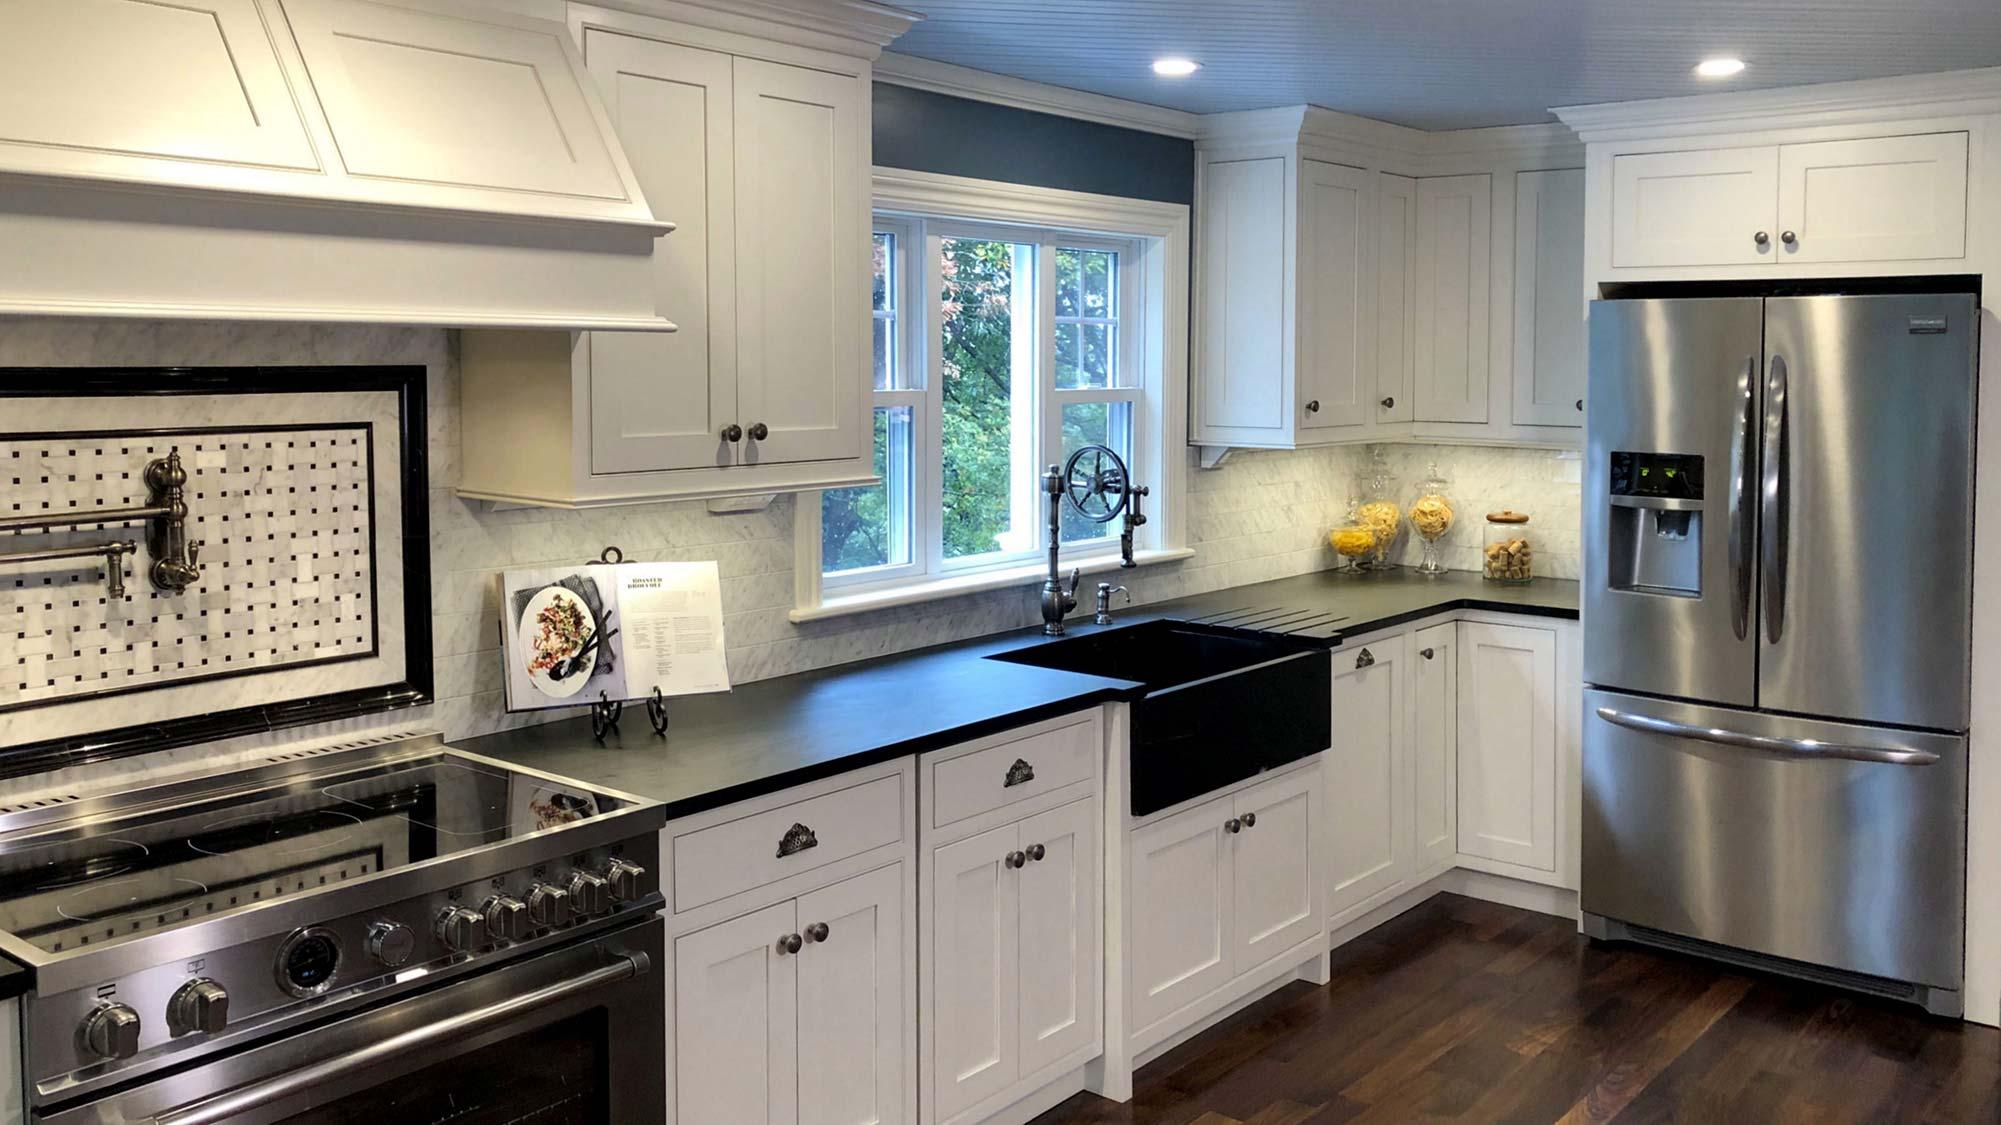 McGuire kitchen design